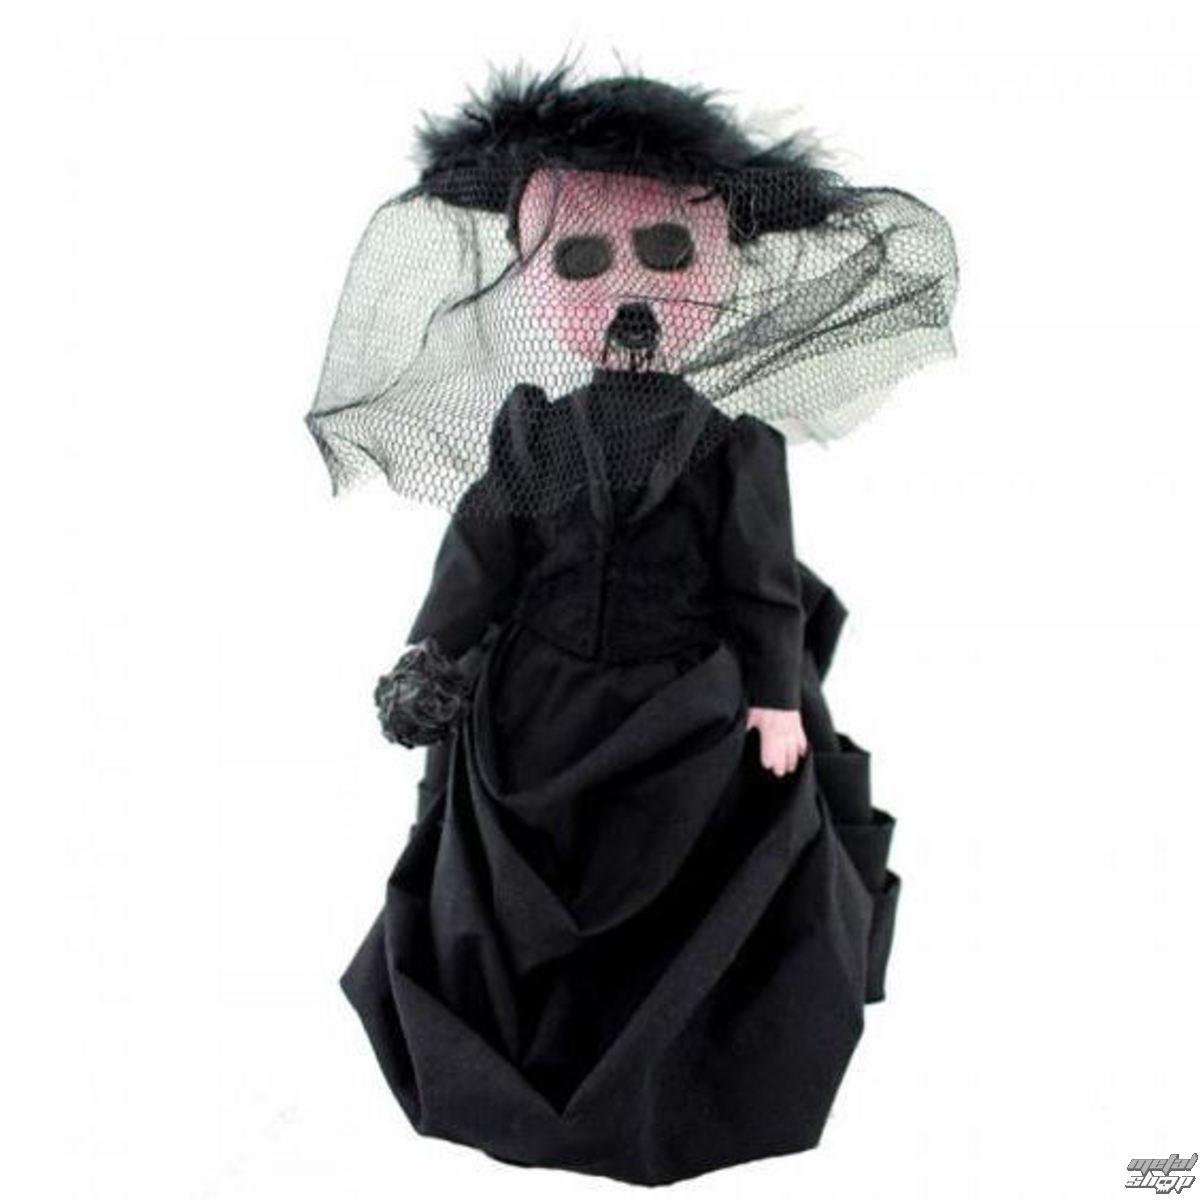 panenka LIVING DEAD DOLLS - The Girl In Black - 93315